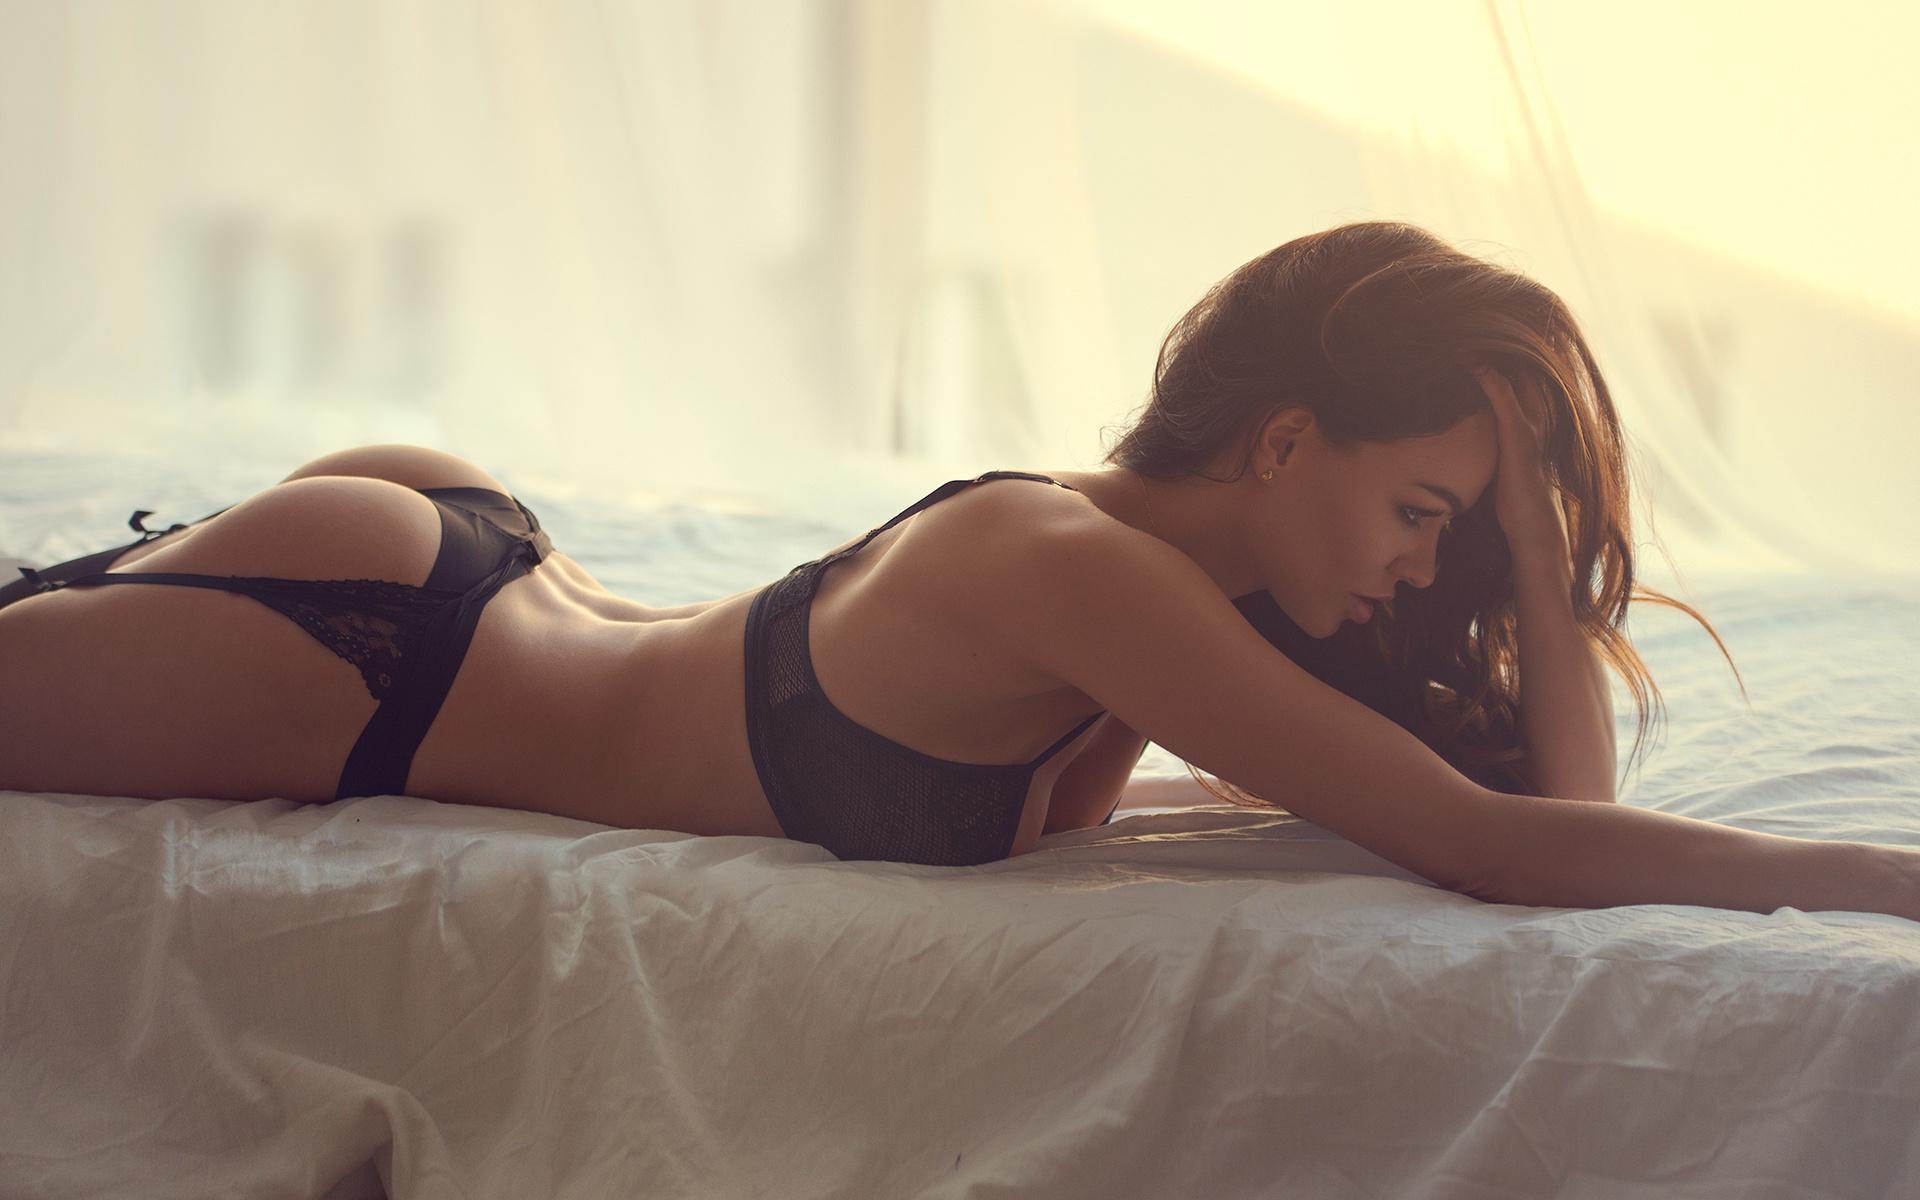 Кертц порно фото девушек в нижнем белье без пафоса видео фредди далтон